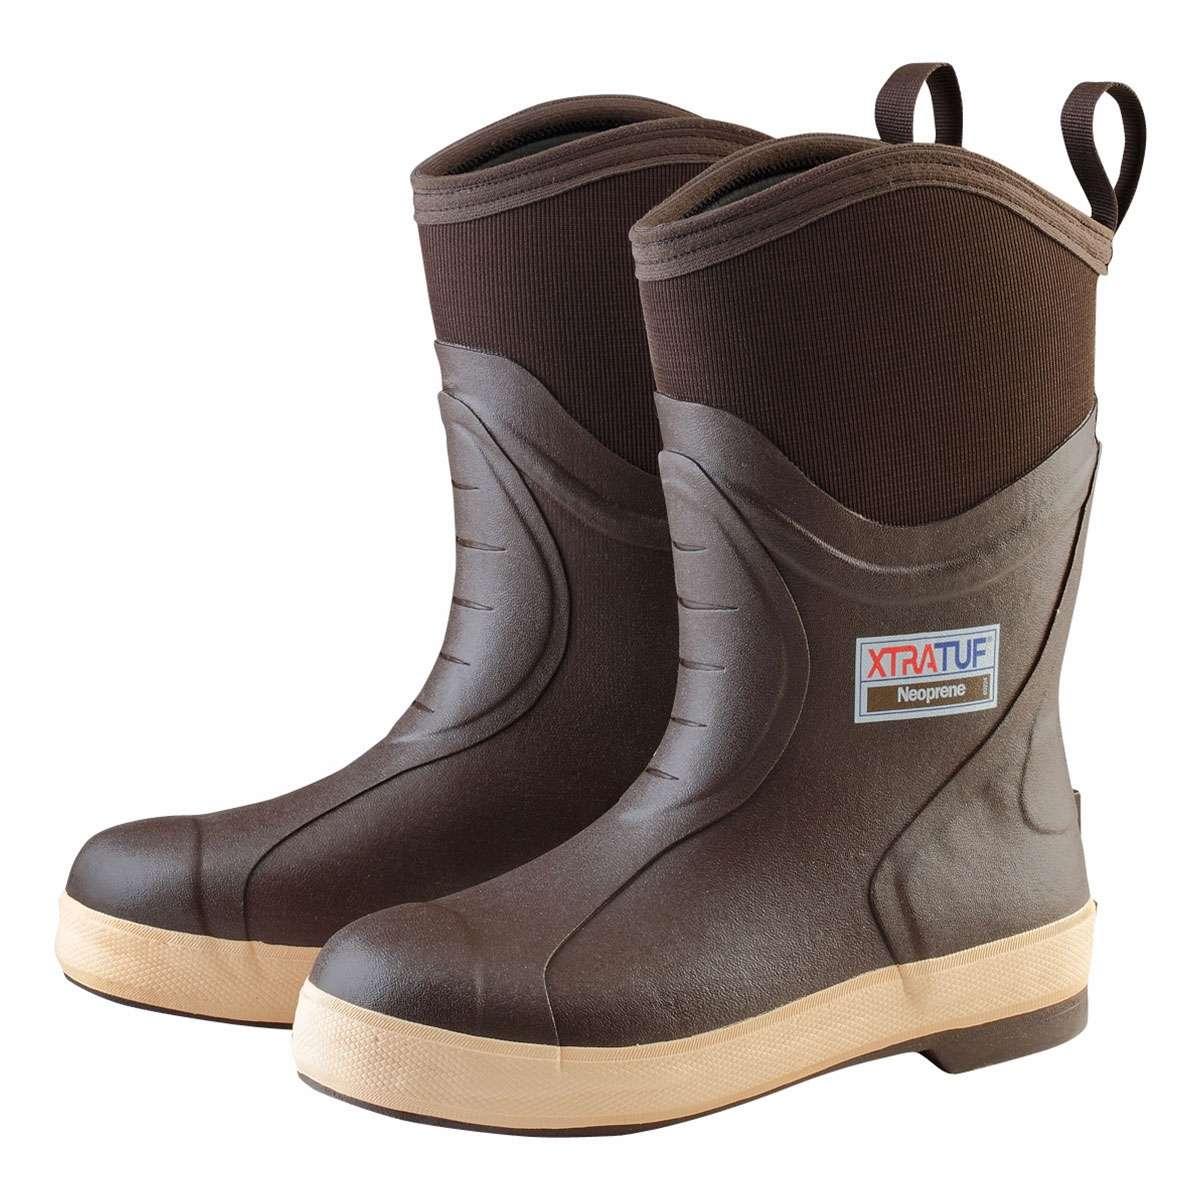 86072486eda Xtratuf Footwear   TackleDirect